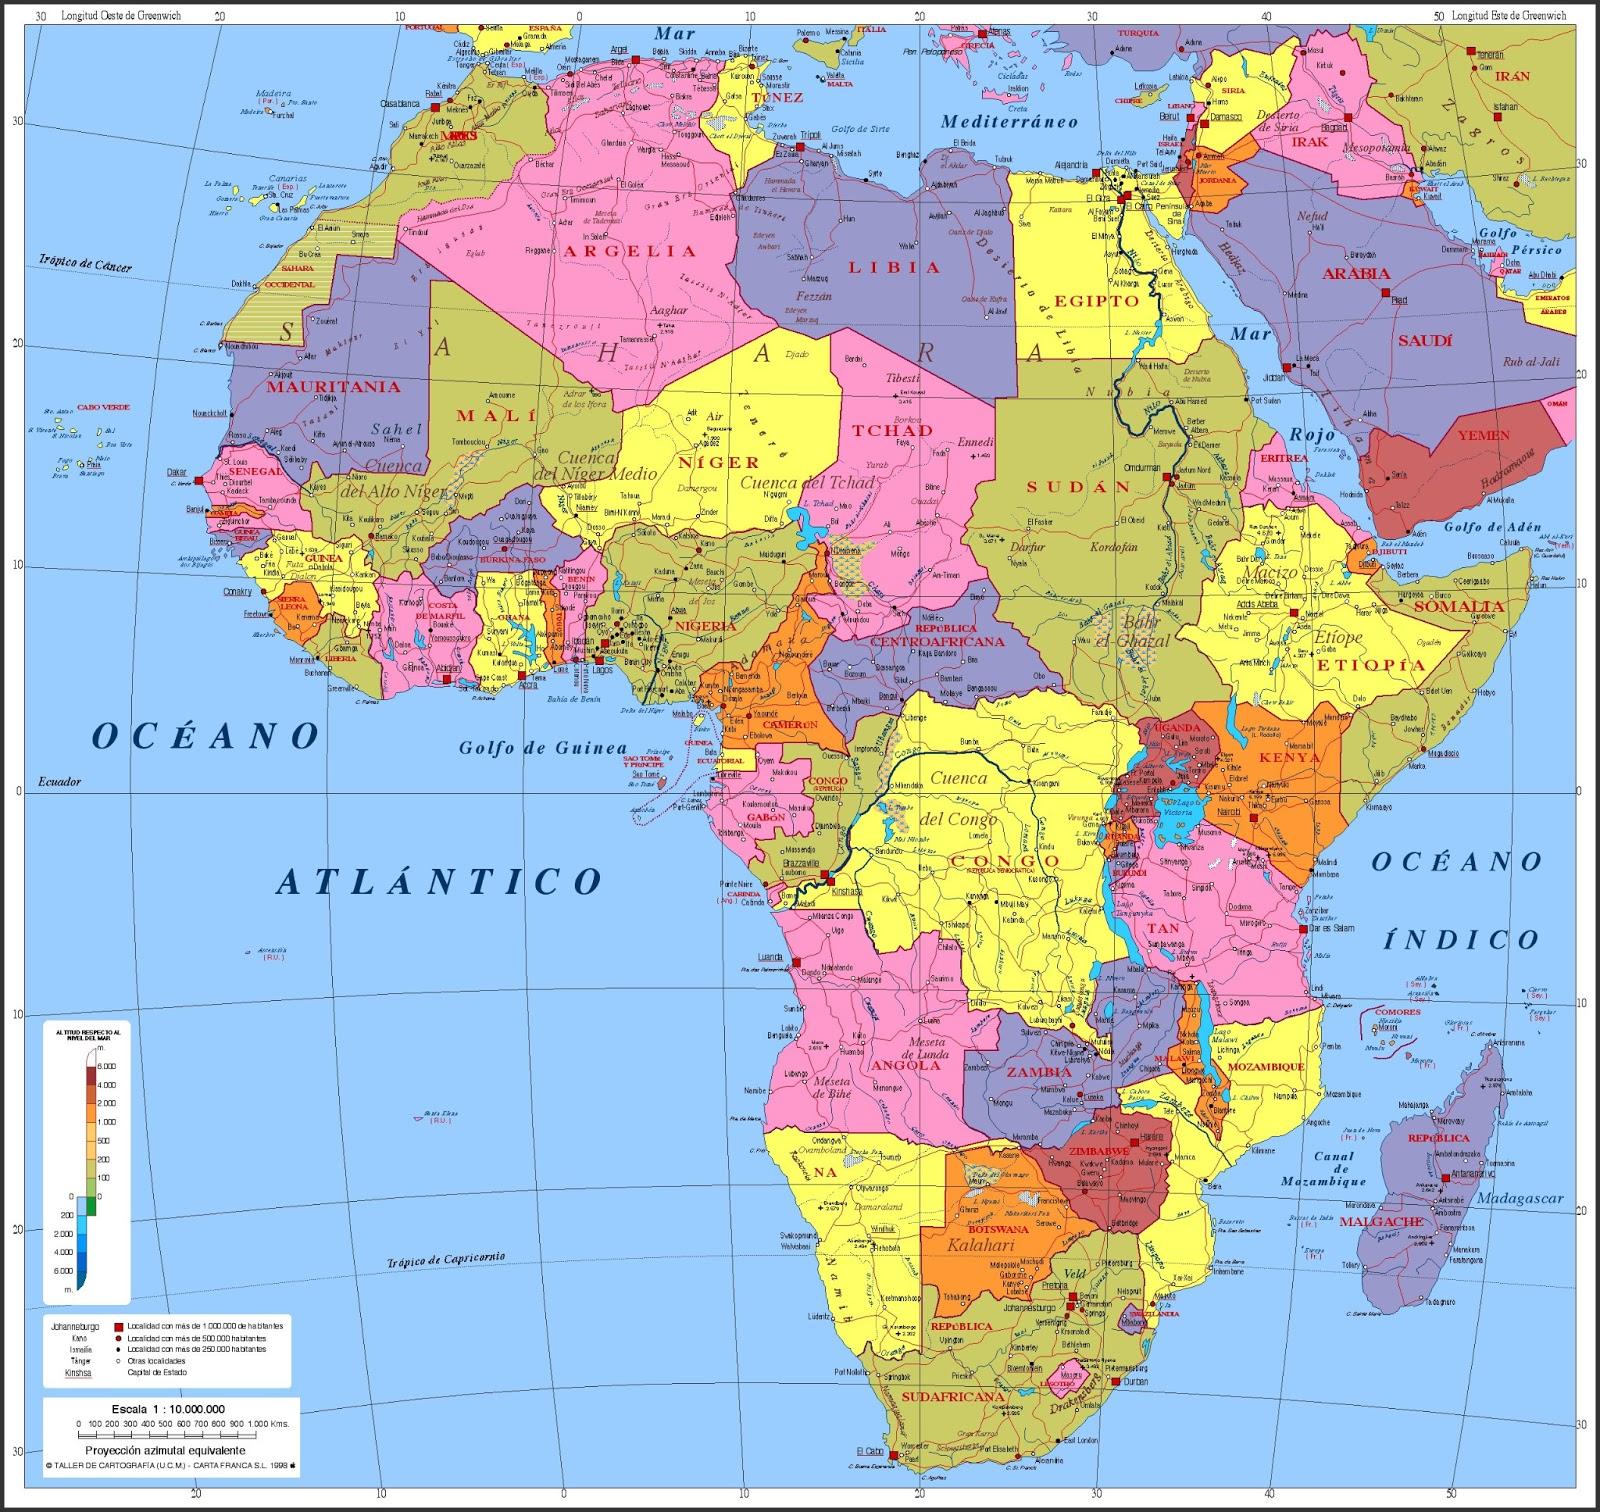 África, Geografia e História da África